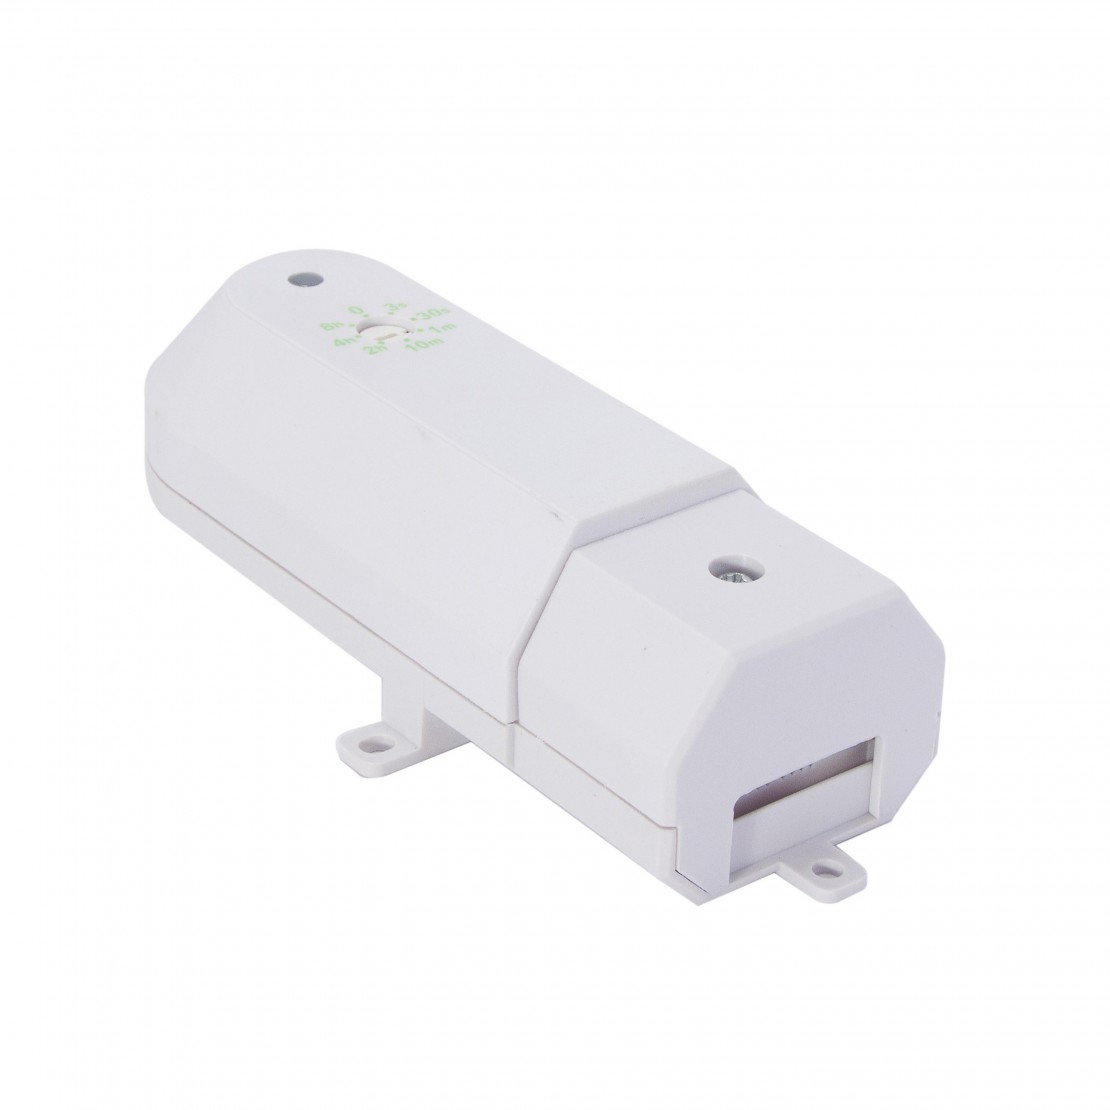 Module met aan/uit-functie en timer (3500W)